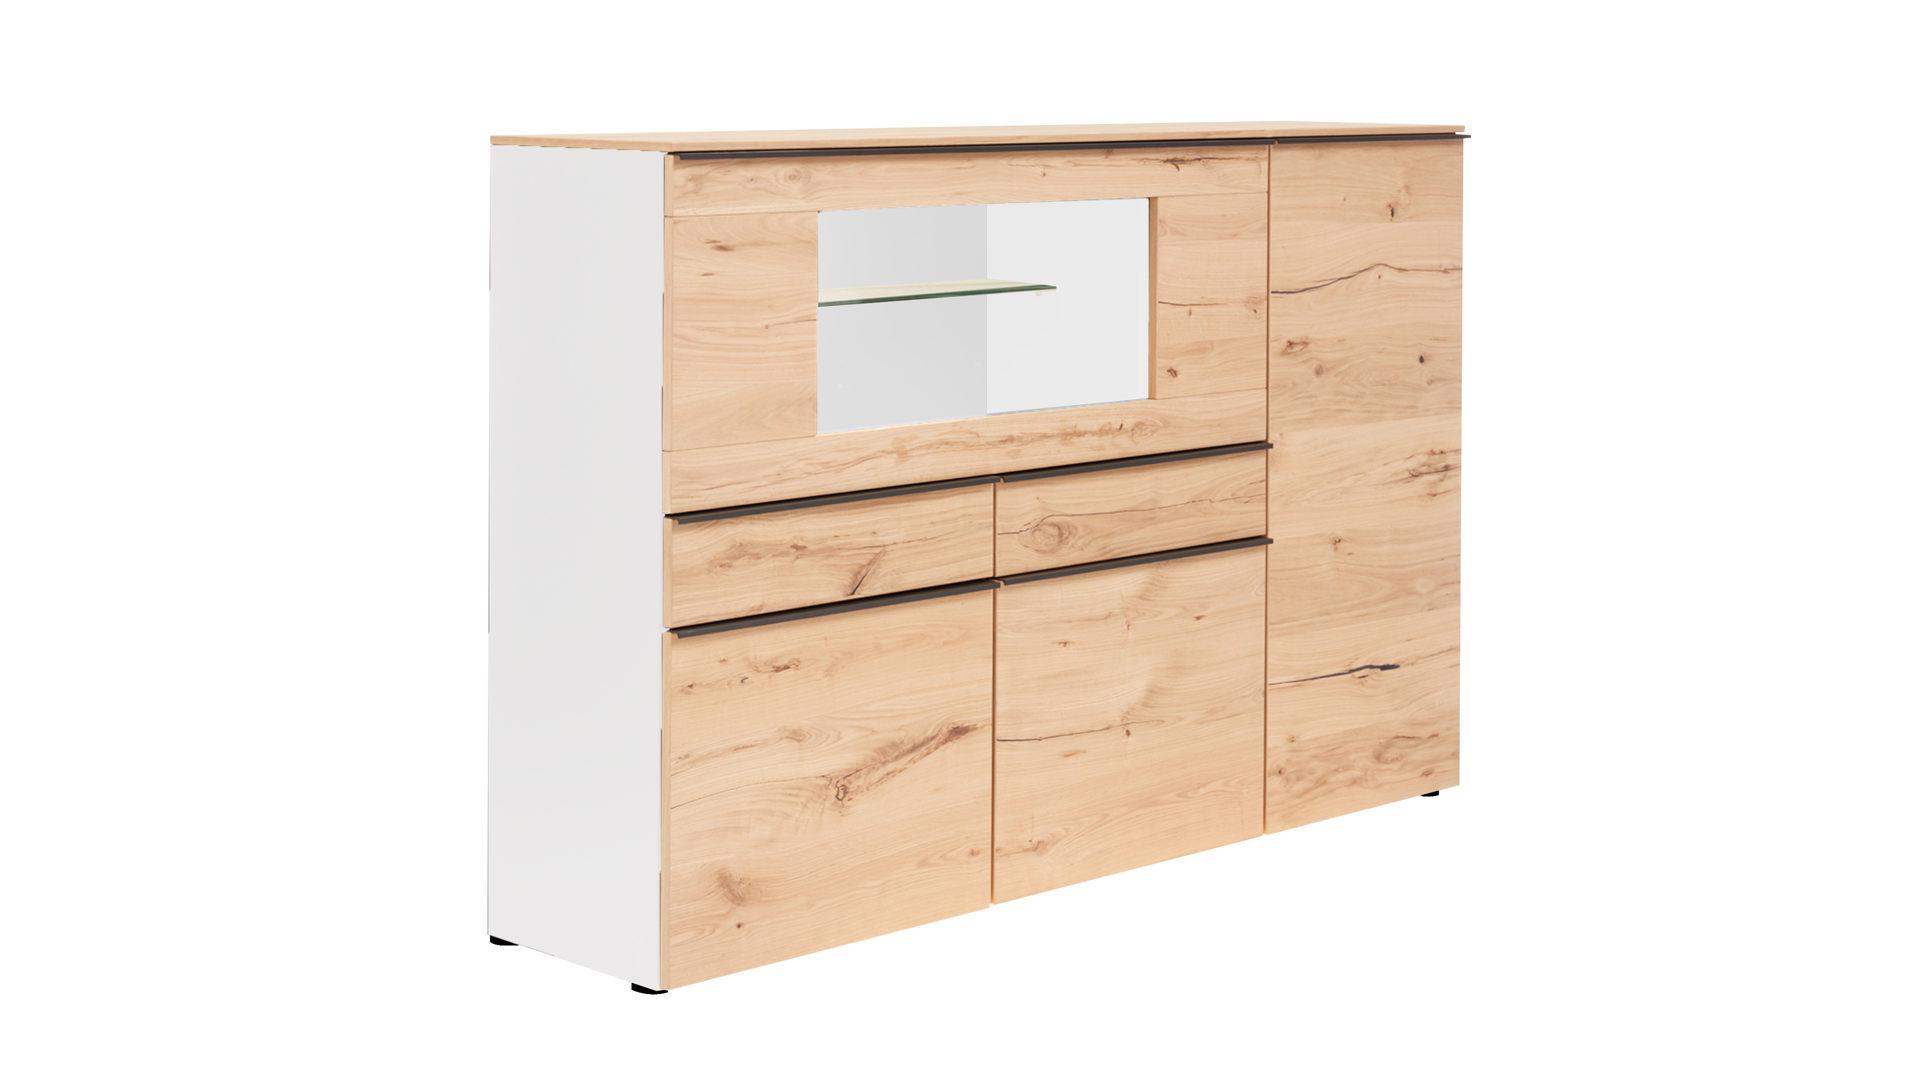 Interliving Wohnzimmer Serie 2103 Highboard Mattweißer Lack Asteiche Zwei Türen Zwei Schubladen Eine Klappe